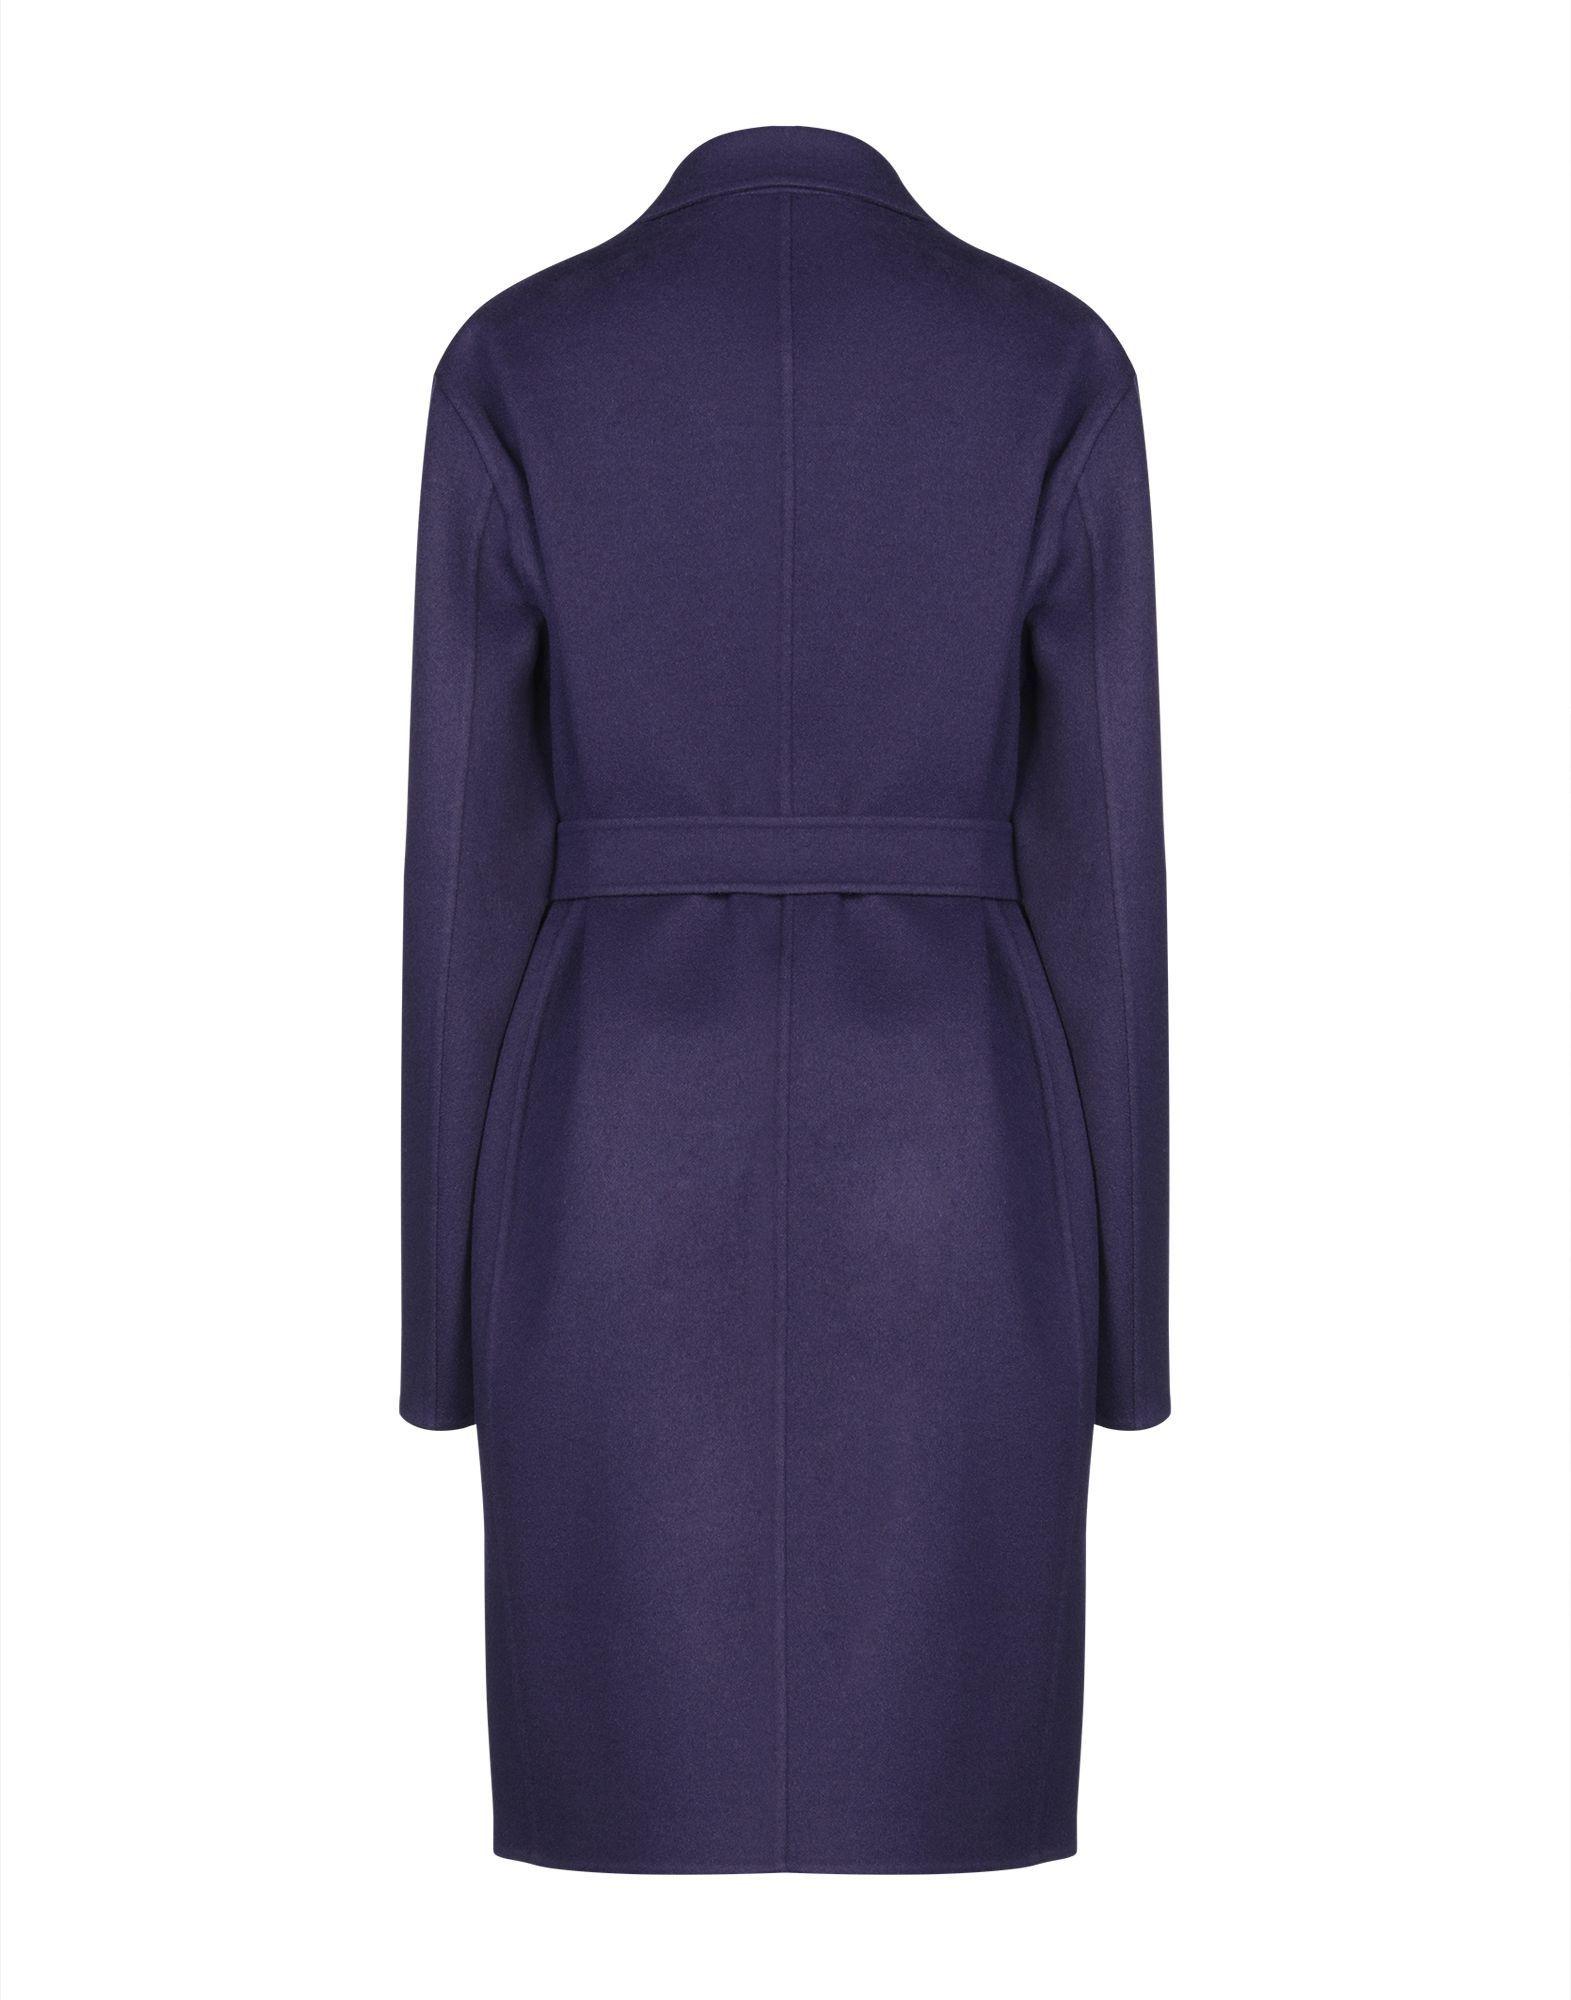 Rochas Purple Virgin Wool Belted Overcoat